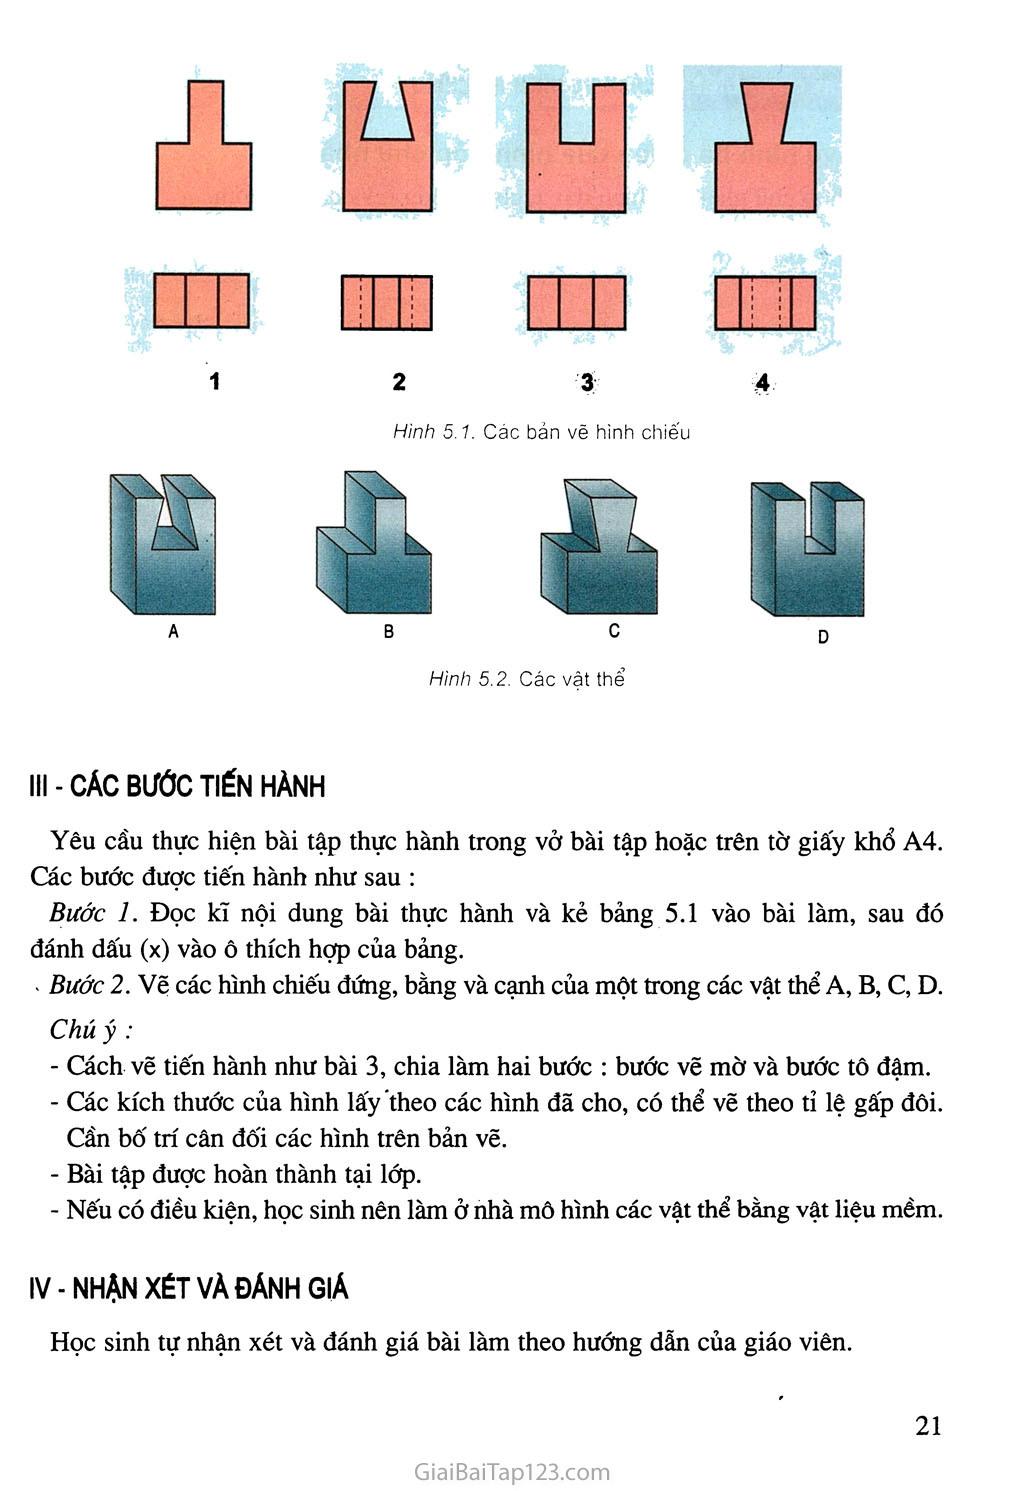 Bài 5. Bài tập thực hành - Đọc bản vẽ các khối đa diện trang 2